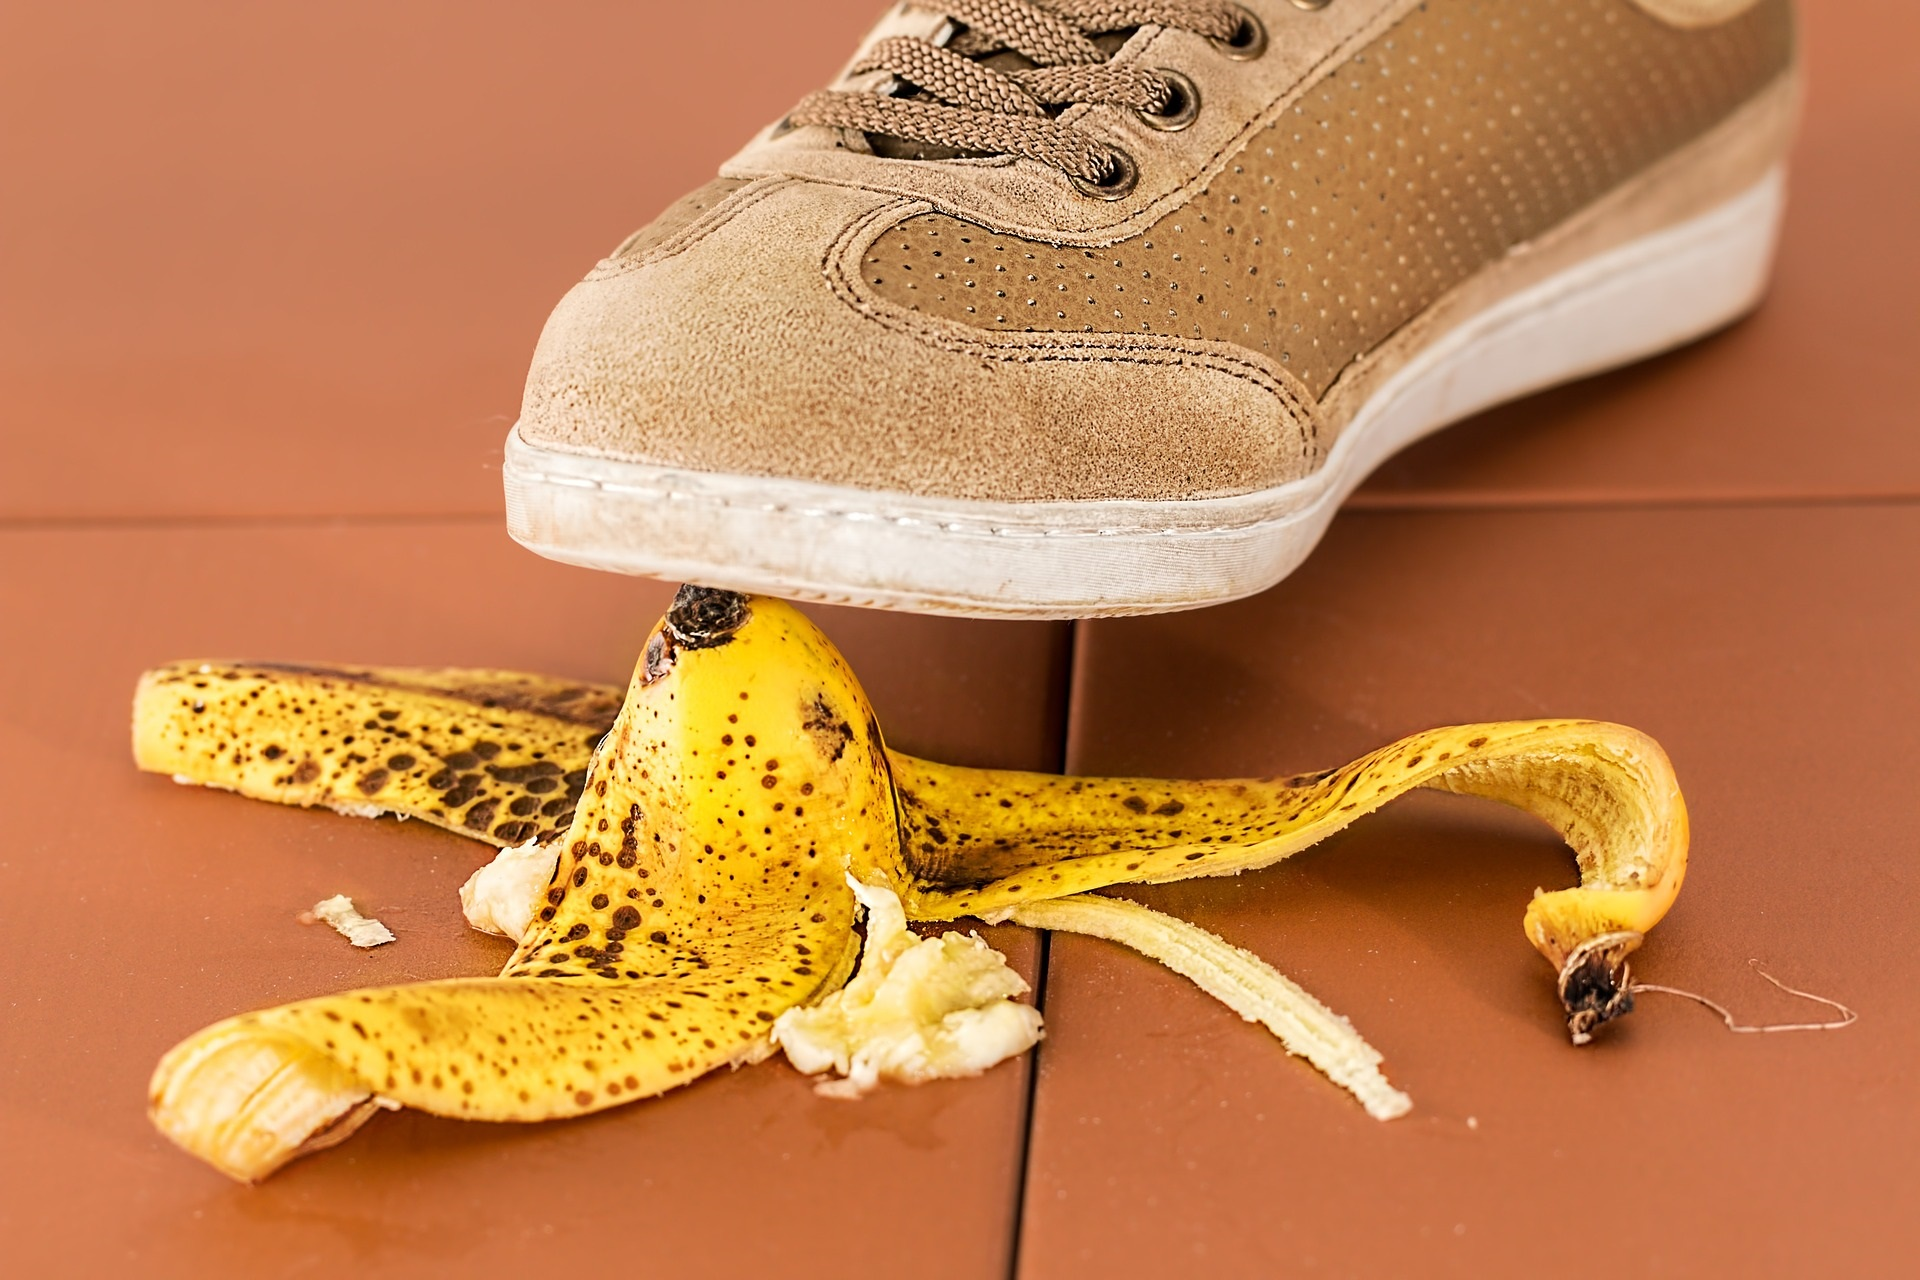 Avoiding Slips, Trips and Falls Refresher